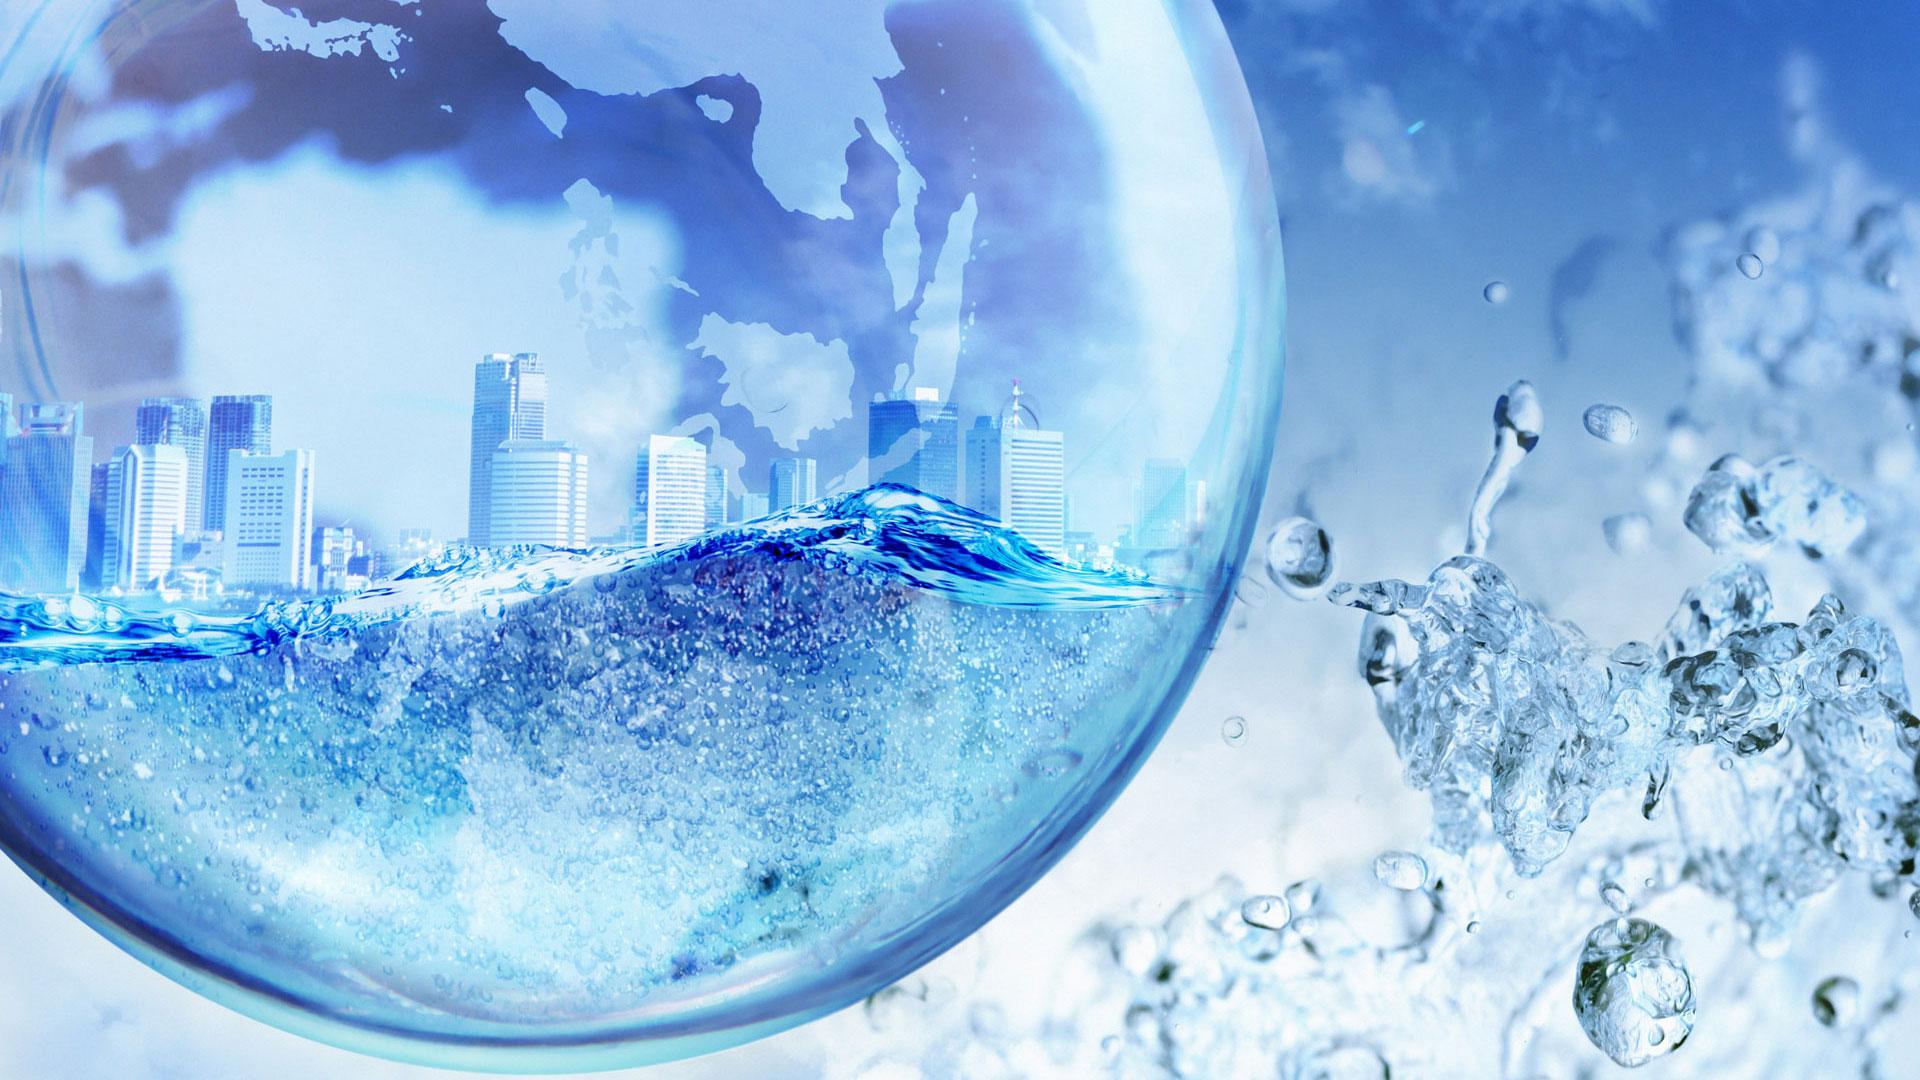 Картинки тему вода